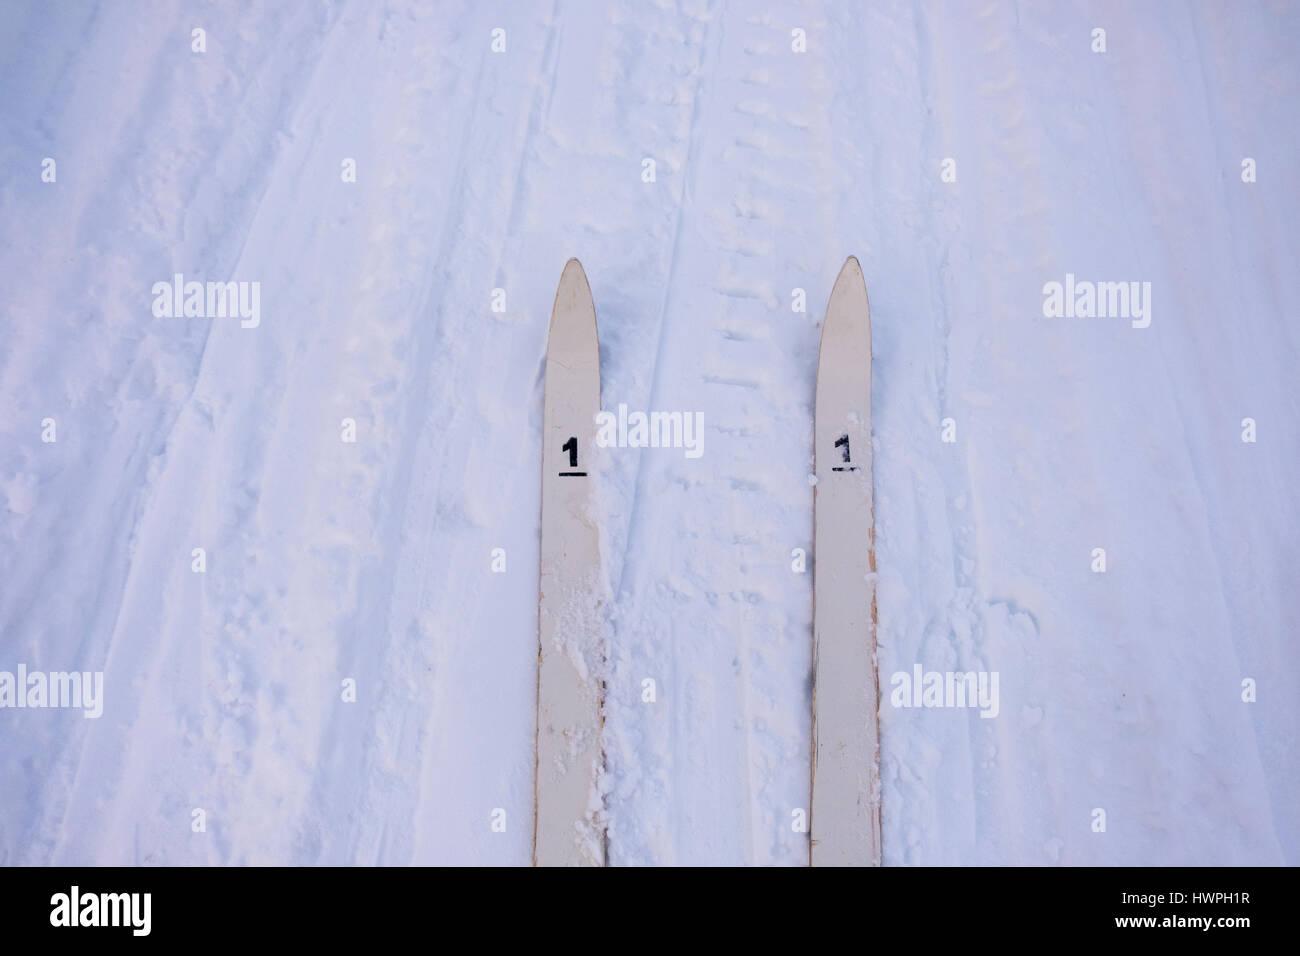 Vogelperspektive Blick auf Skiern mit der Nummer 1 auf Schnee bedeckt Feld Stockbild